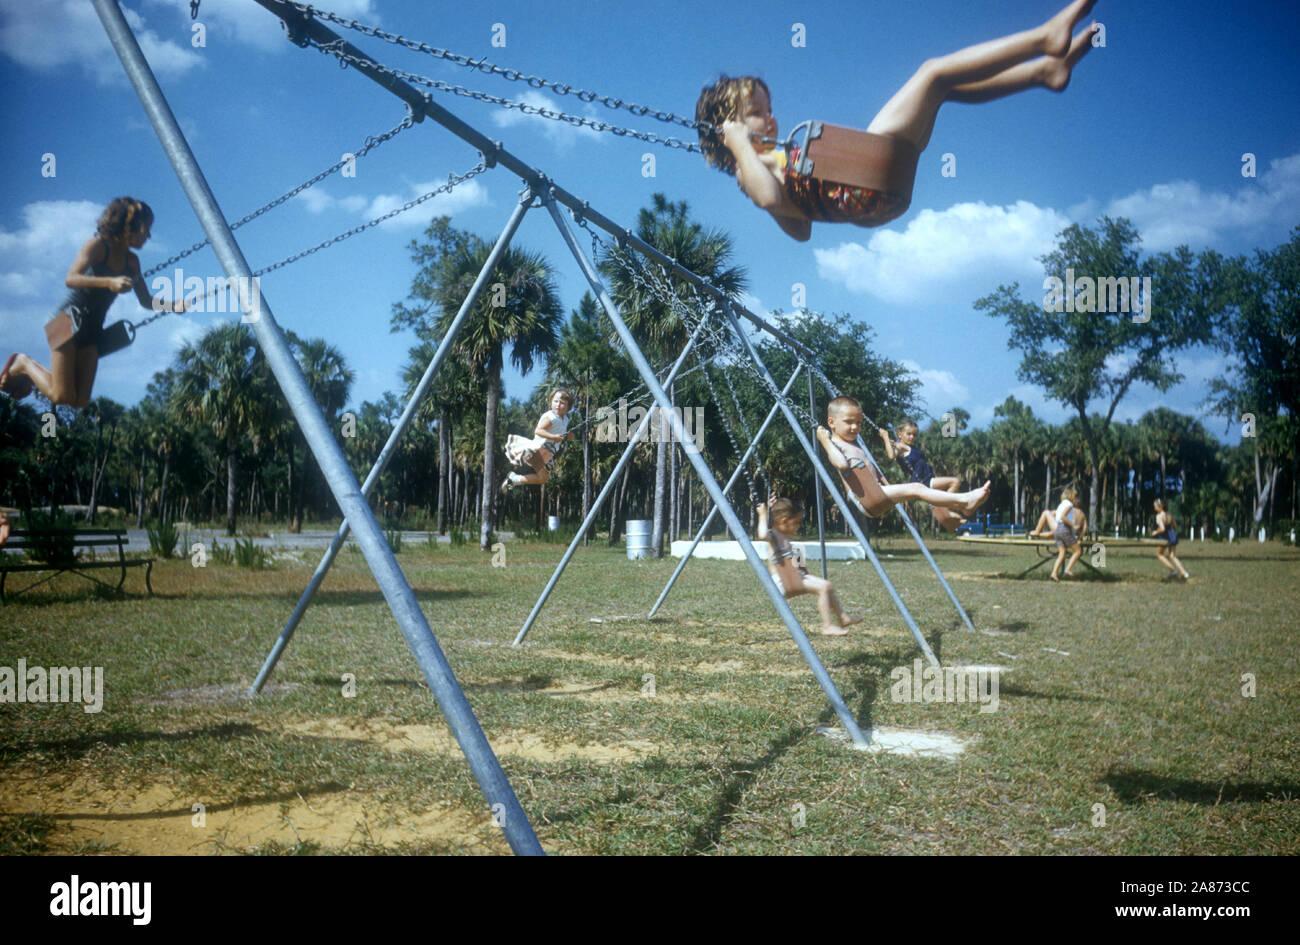 1954: Los niños swing en un columpio en su patio de recreo en 1954. (Foto por Hy Peskin) Foto de stock